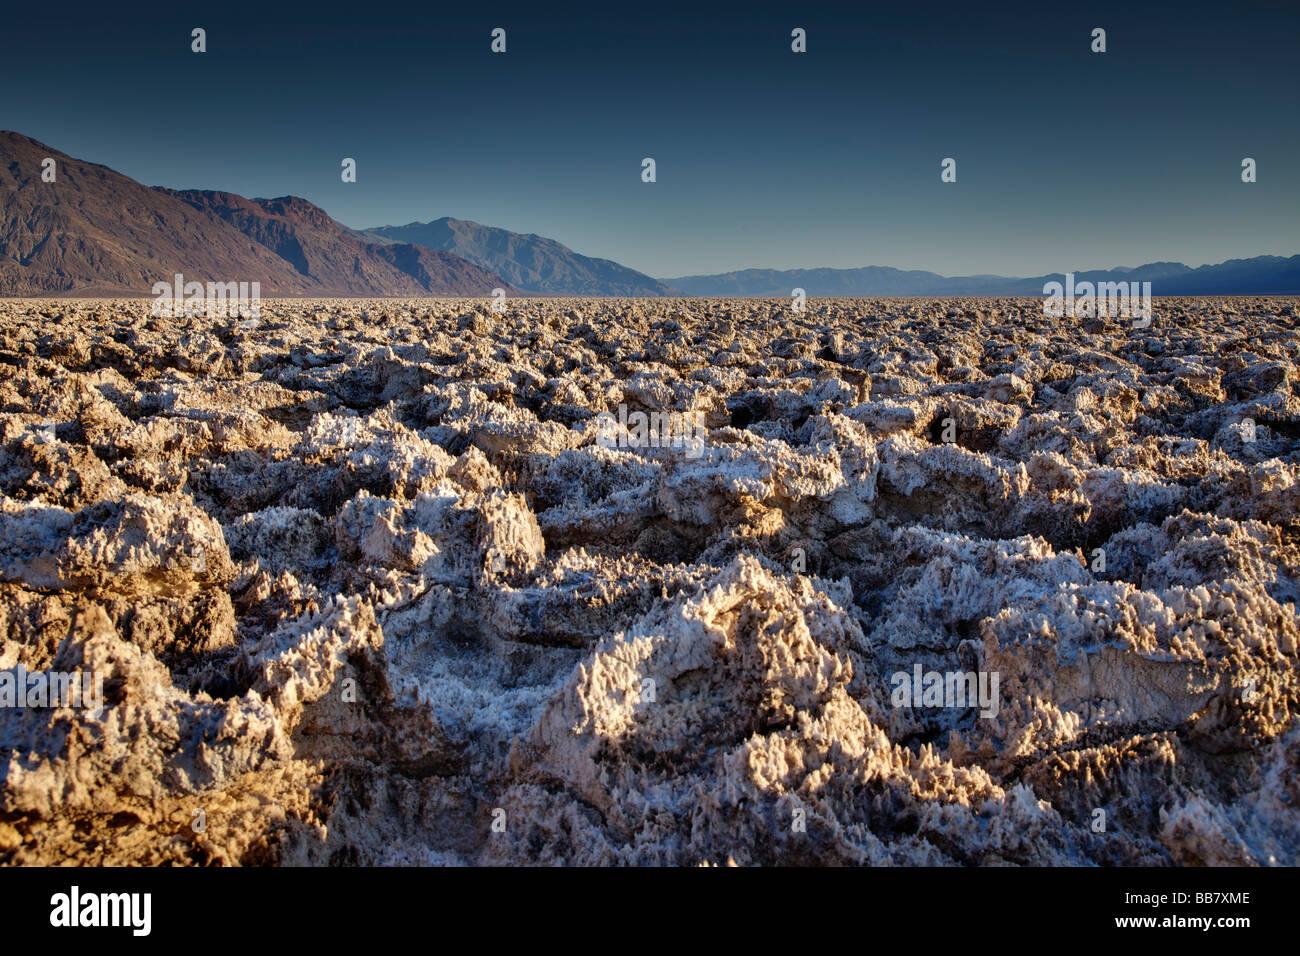 Blick über Salzformationen am Devils Golf Course in Death Valley Nationalpark Kalifornien USA Stockbild